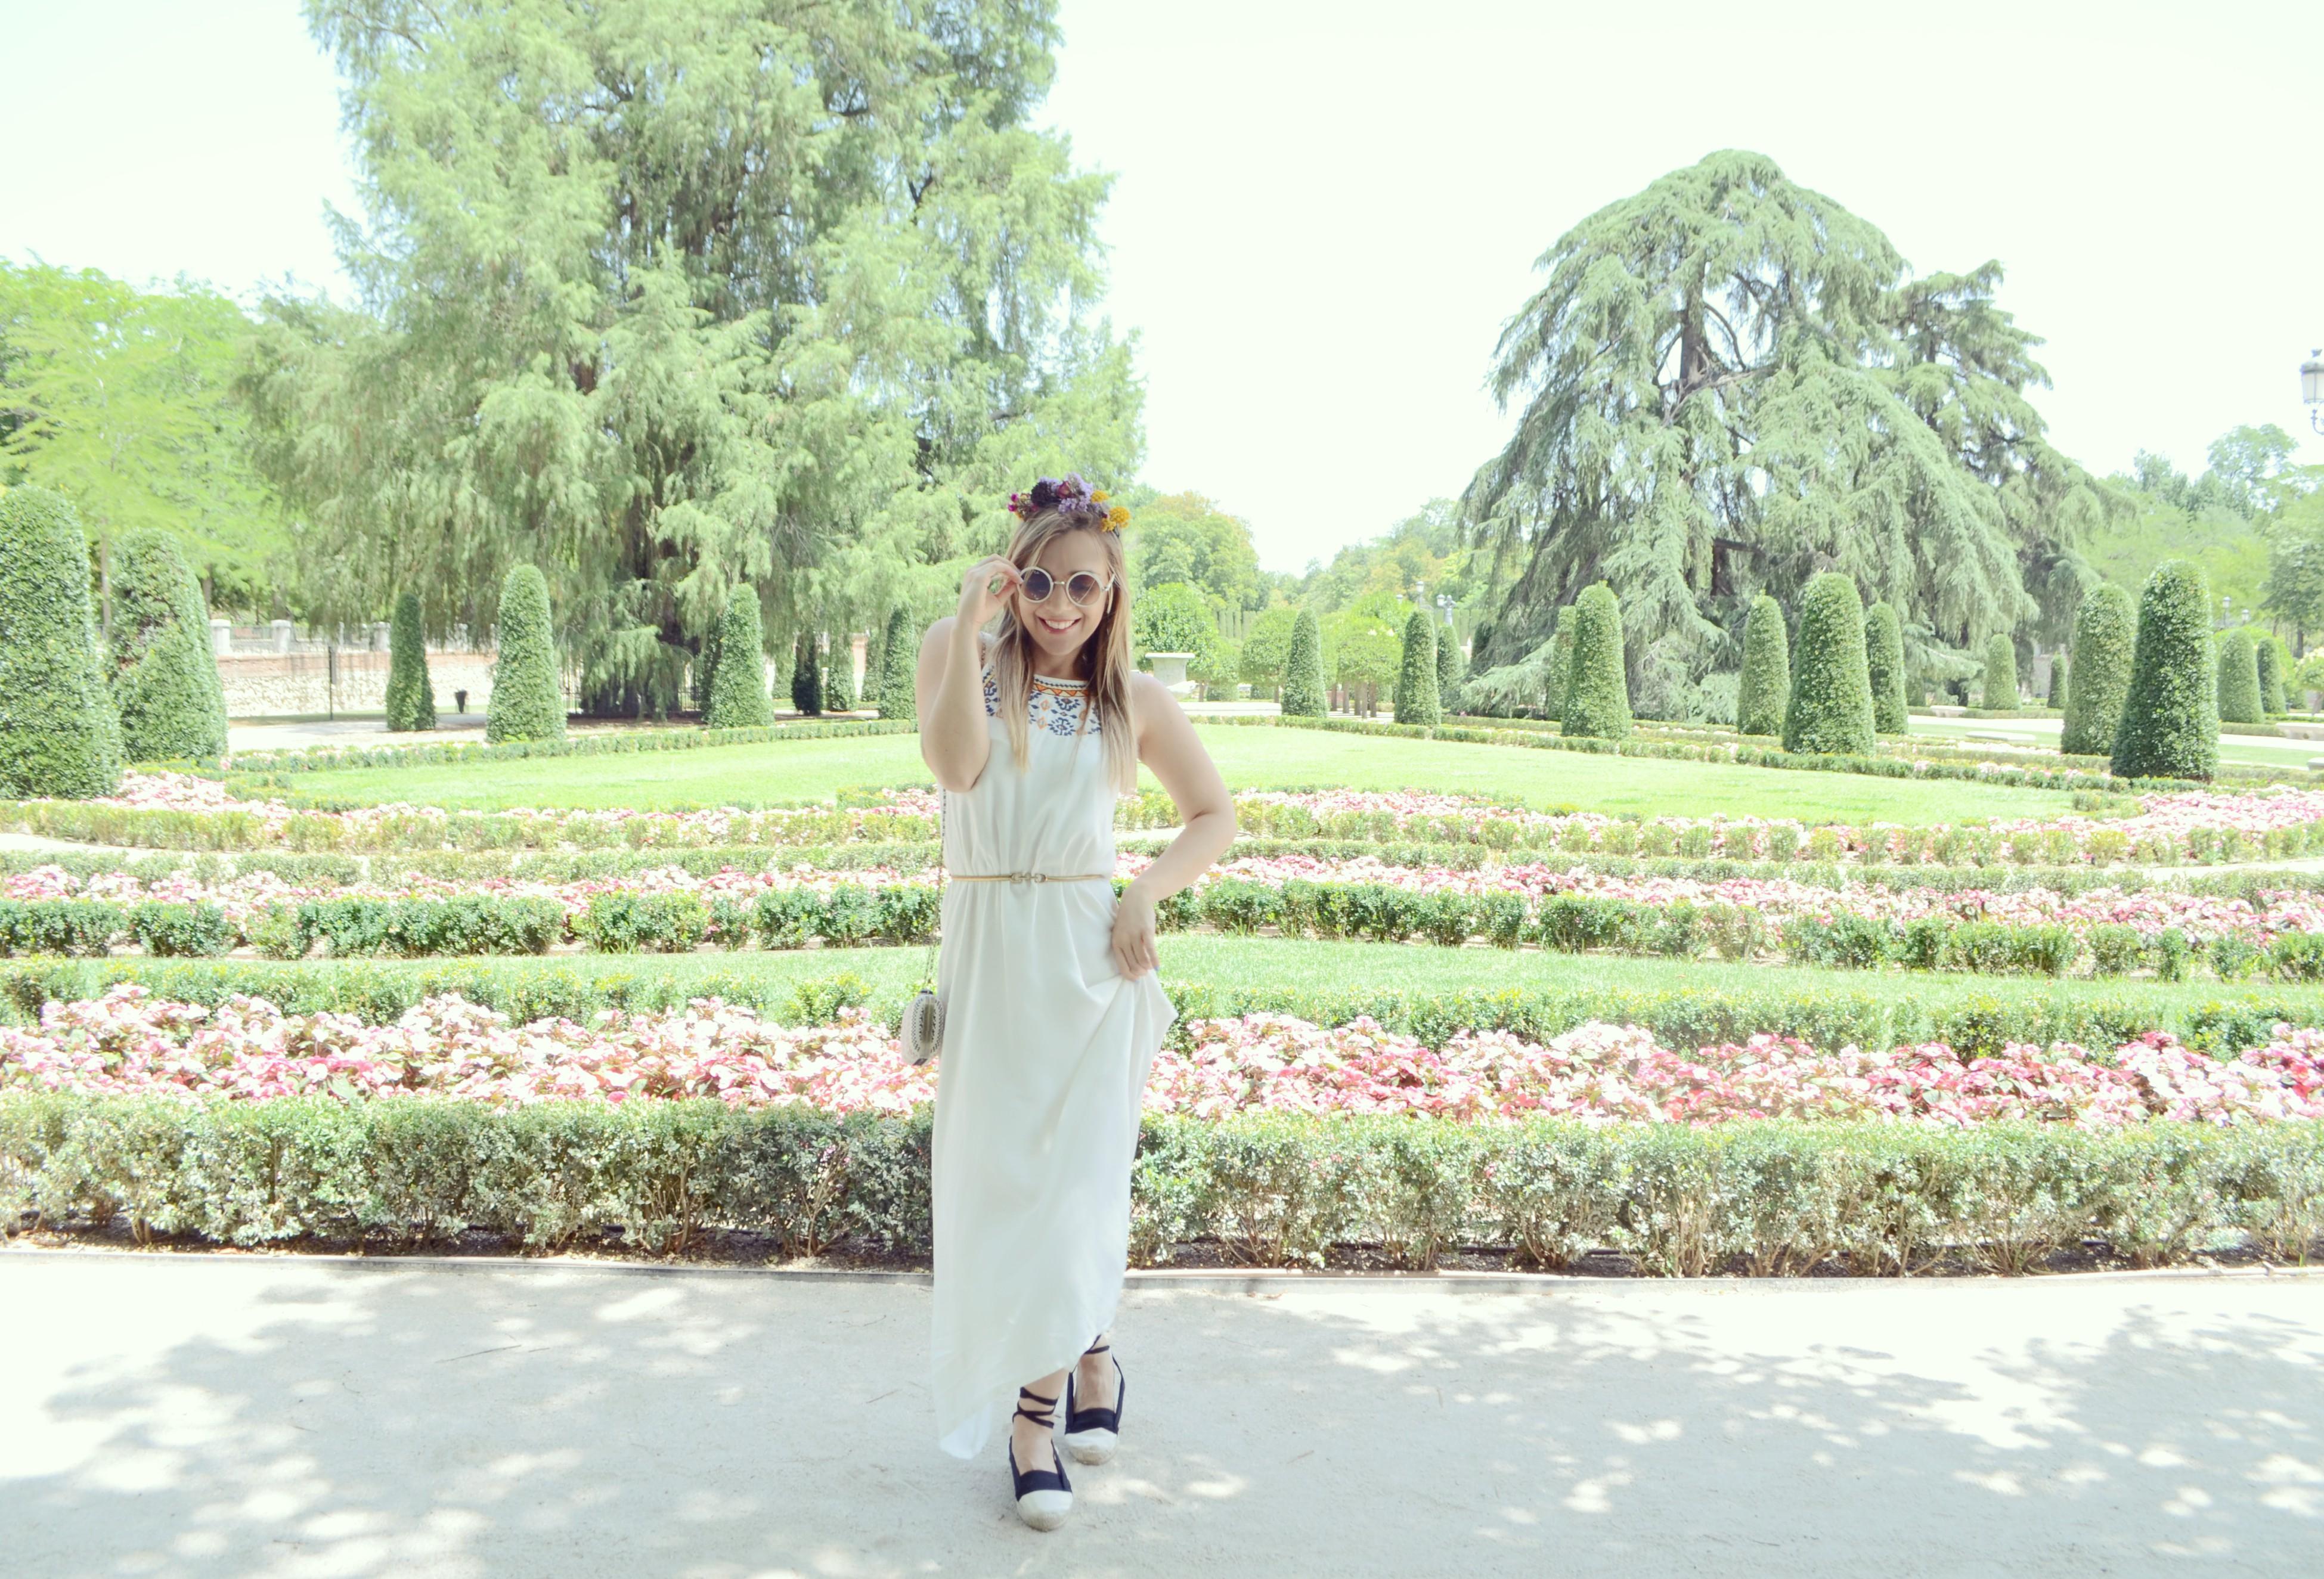 Surkana-look-vestidos-largos-de-verano-ChicAdicta-blog-de-moda-Chic-Adicta-outfit-con-alpargatas-Madrid-street-style-PiensaenChic-Piensa-en-Chic